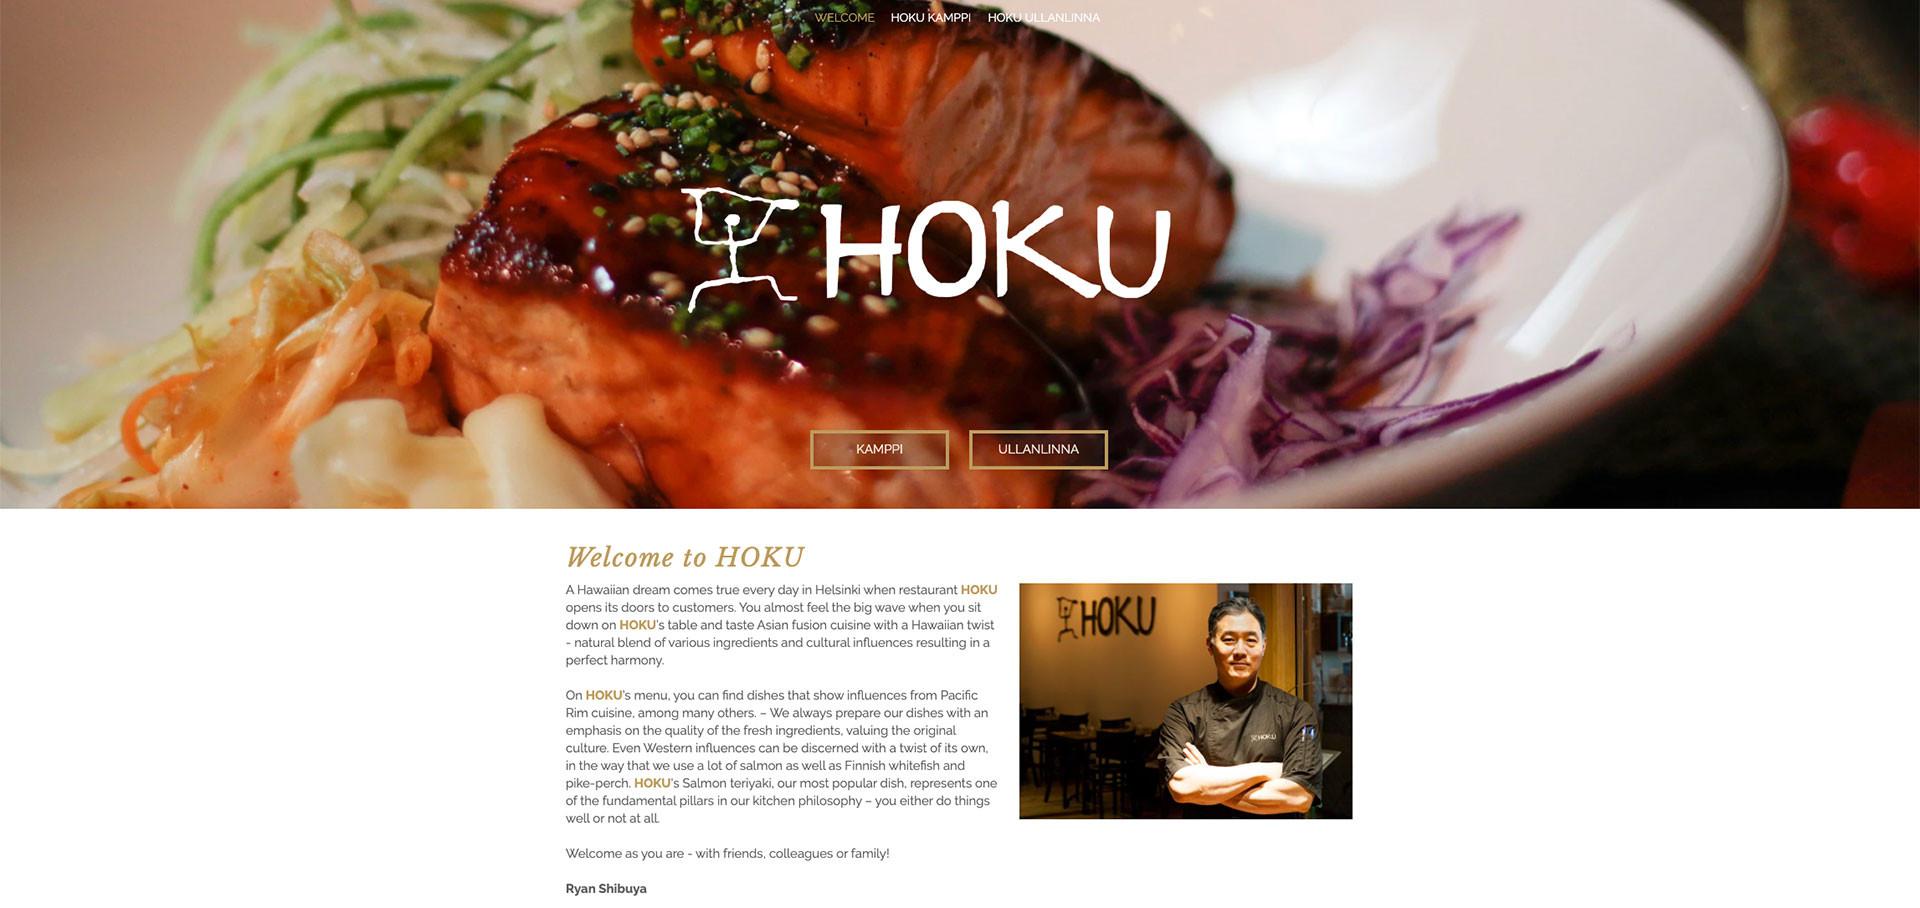 Ravintola HOKU, sivusto 2019